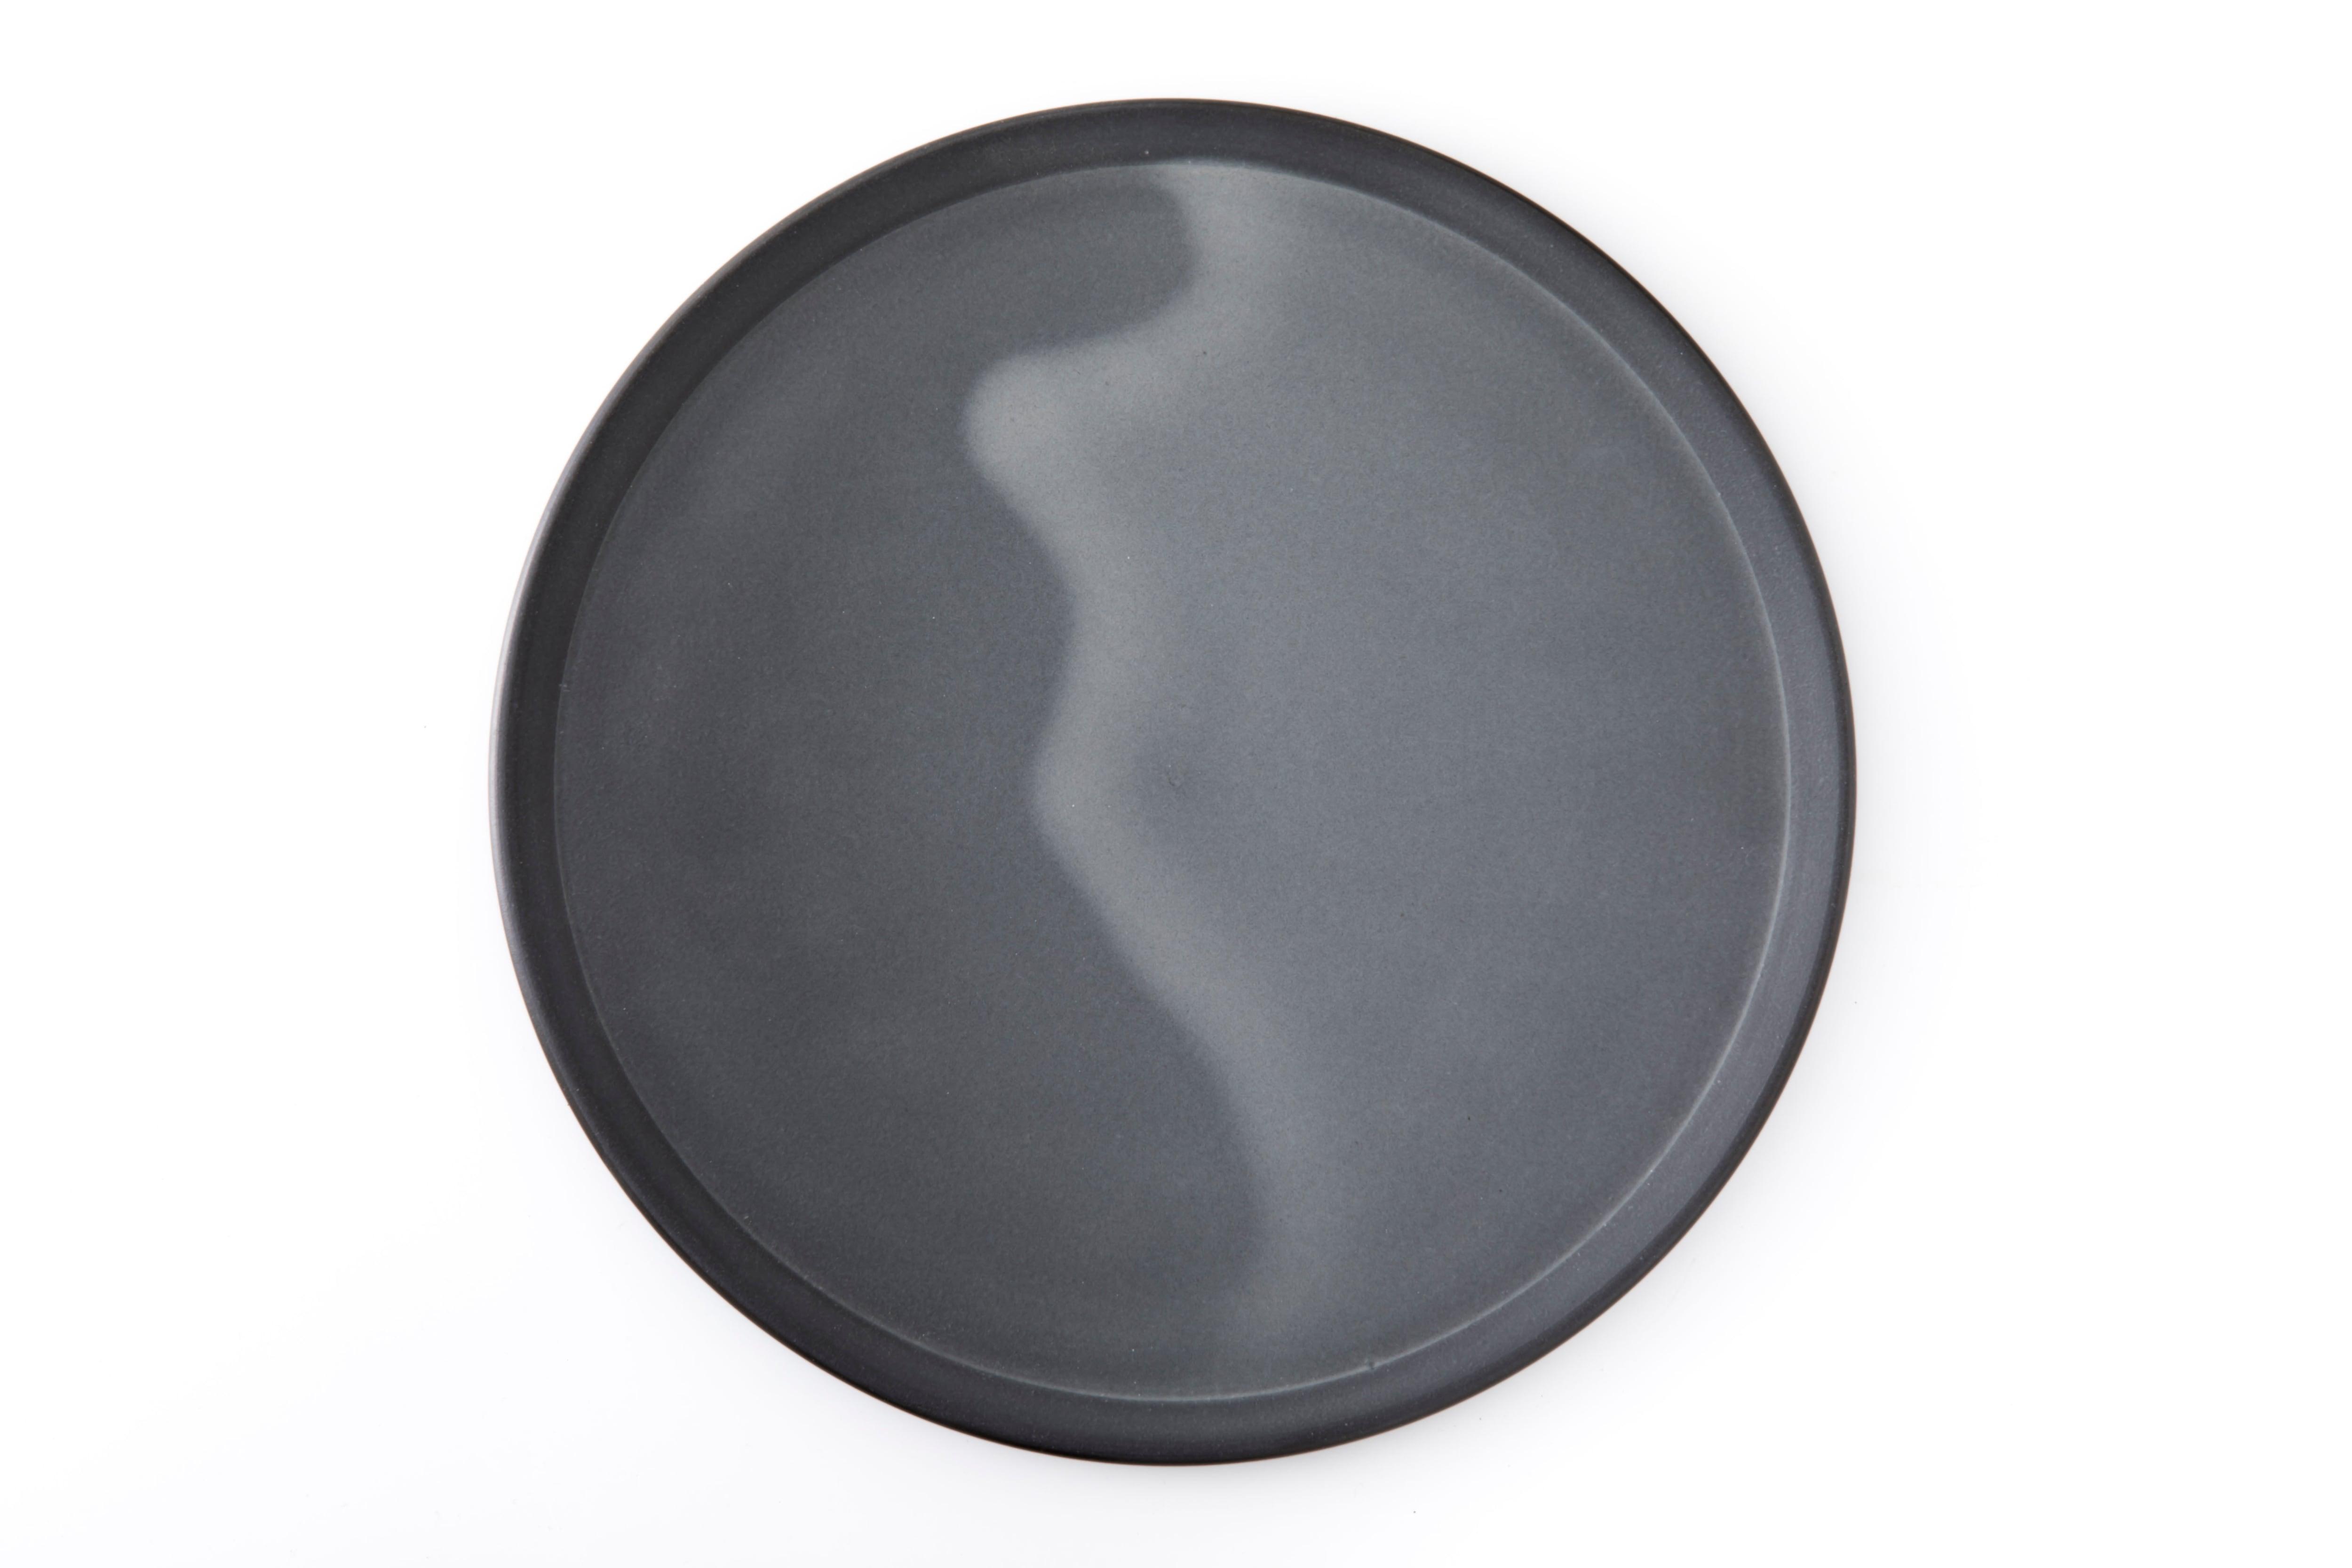 黒泥皿 : 9寸 / 3RD CERAMICS